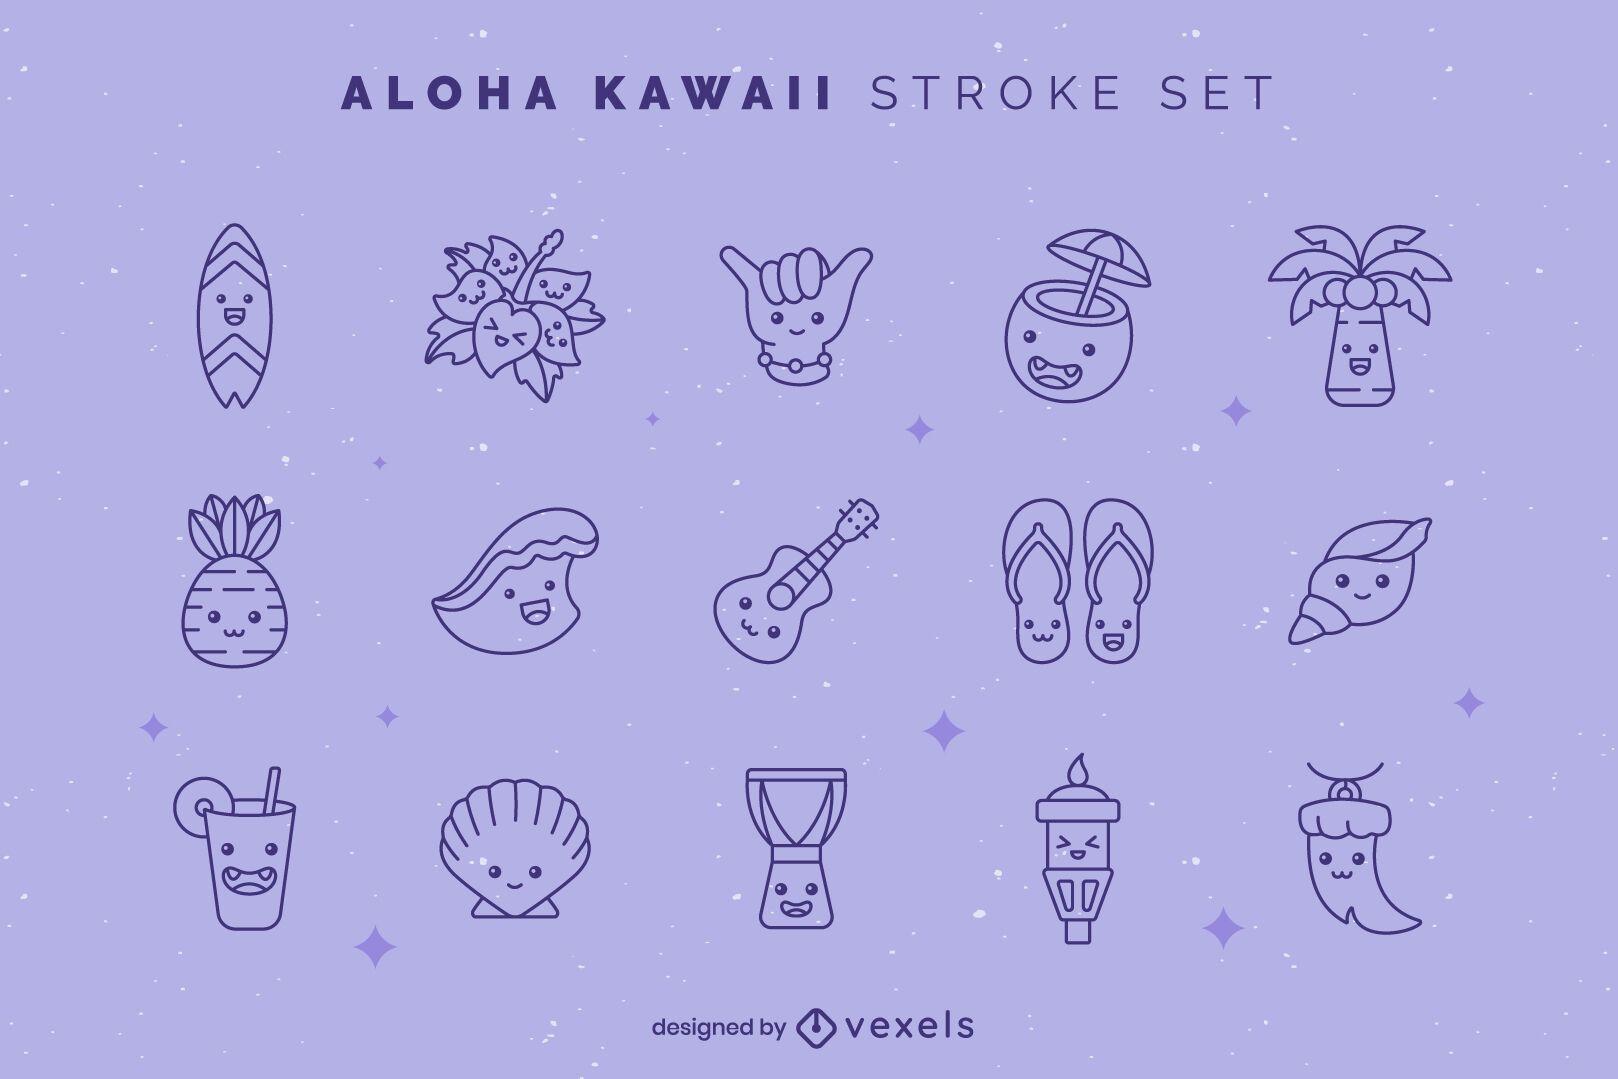 Aloha kawaii stroke set